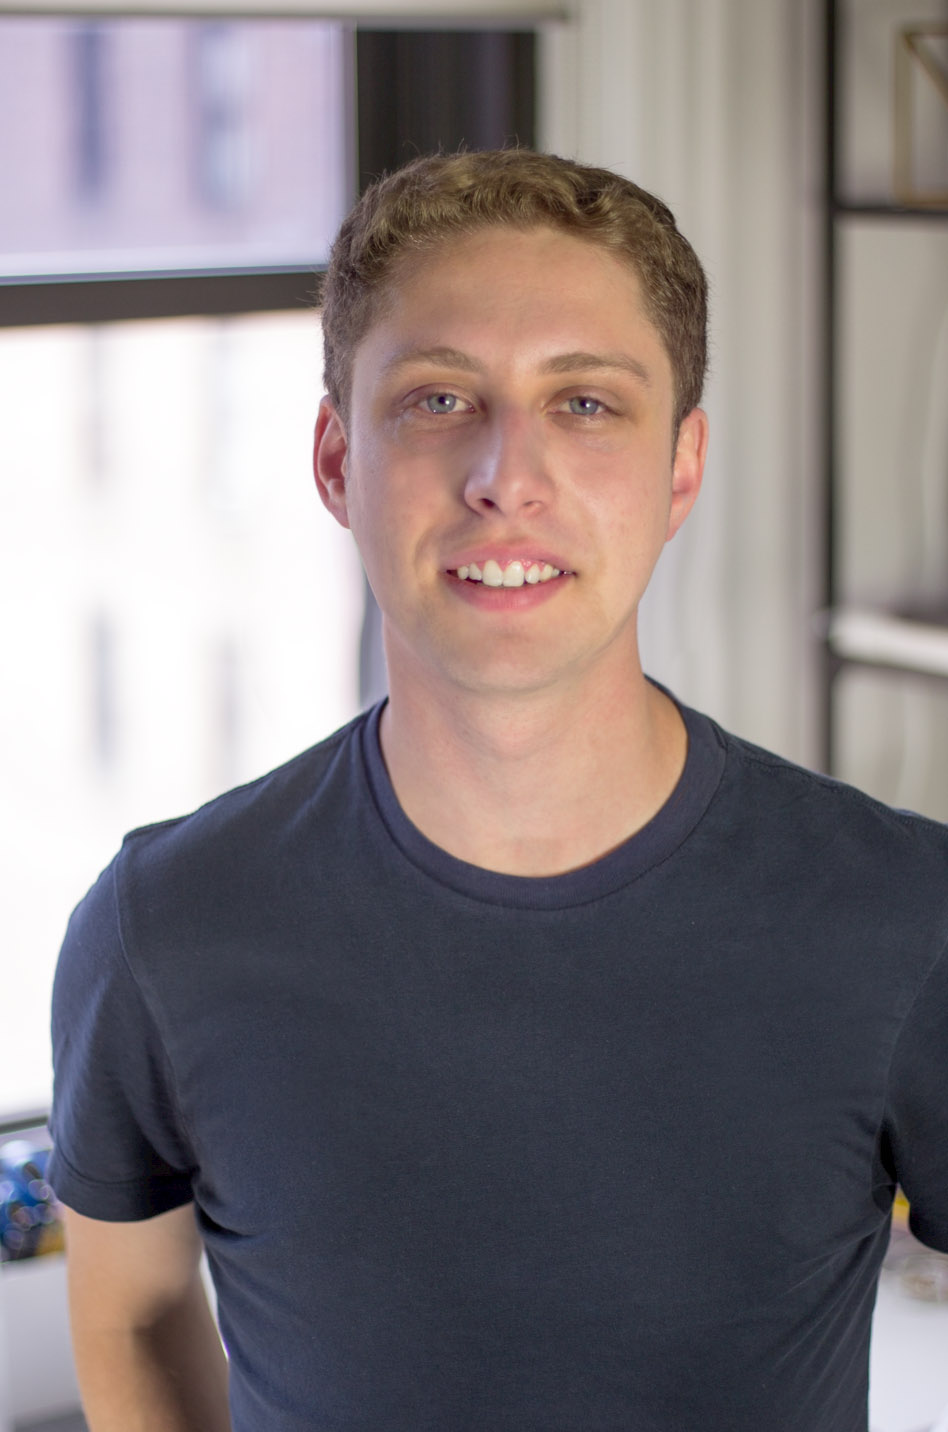 Daniel Prosky